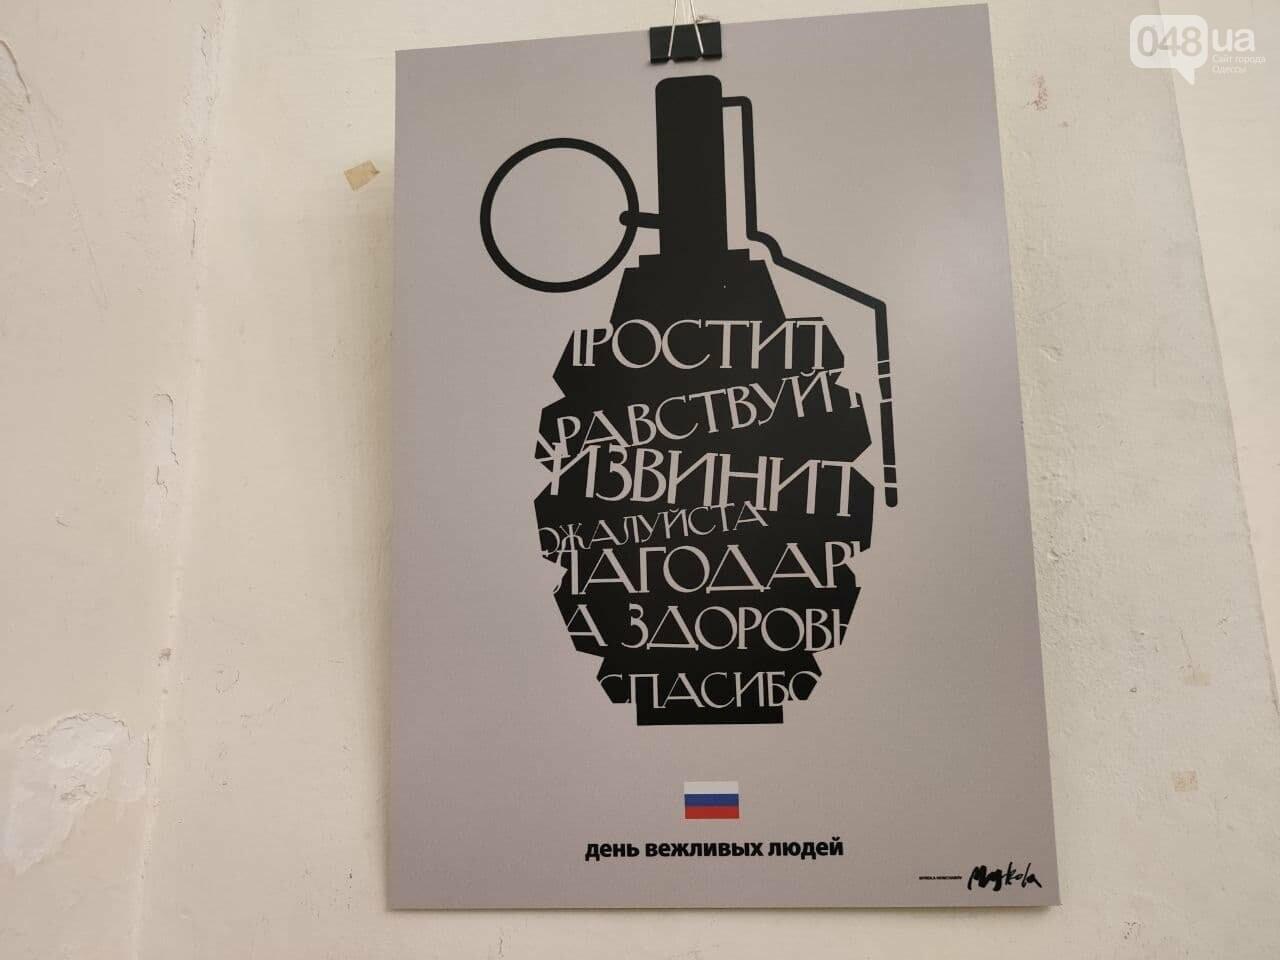 Рефлексия на события Майдана: в Одессе открылась выставка ко Дню Достоинства и Свободы, - ФОТОРЕПОТАЖ, фото-9